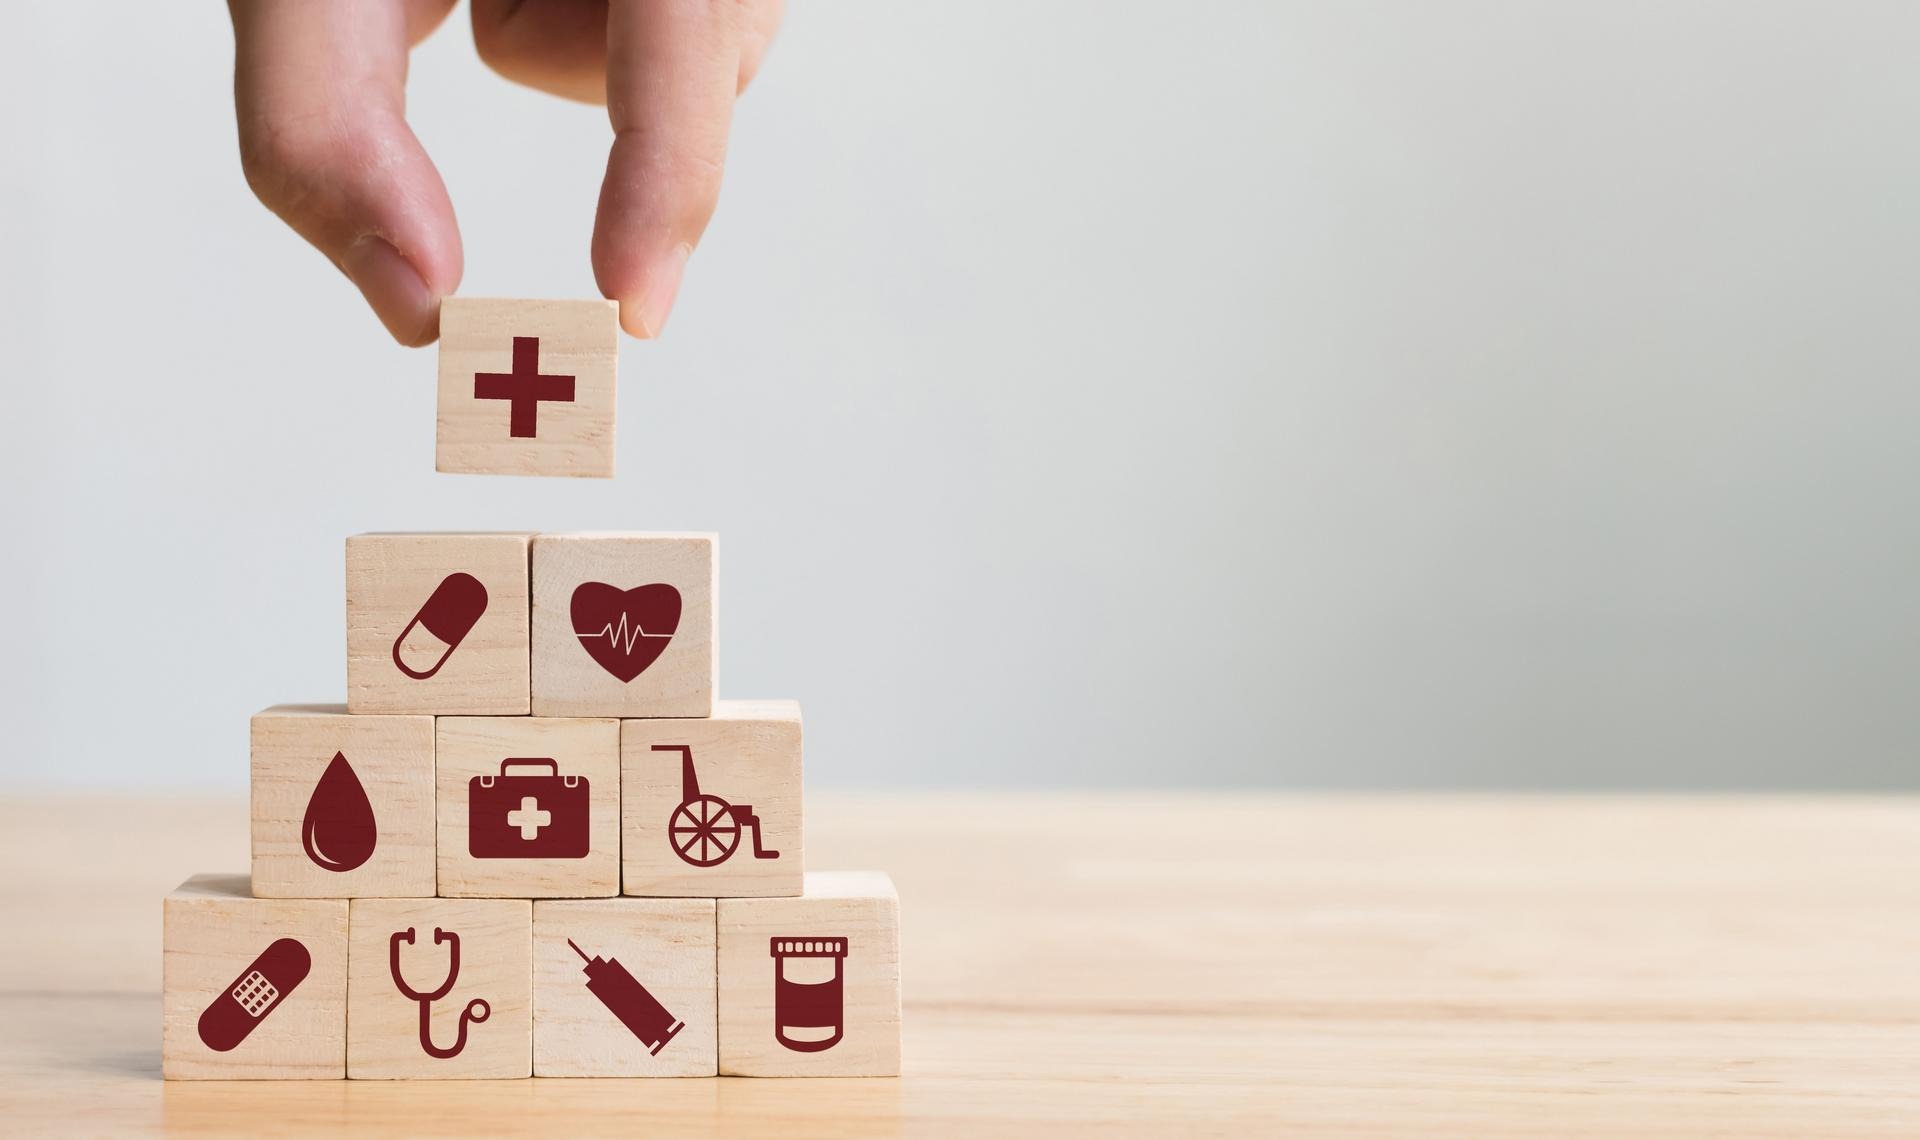 NEU: Private Krankenversicherung - Beitragsanpassung